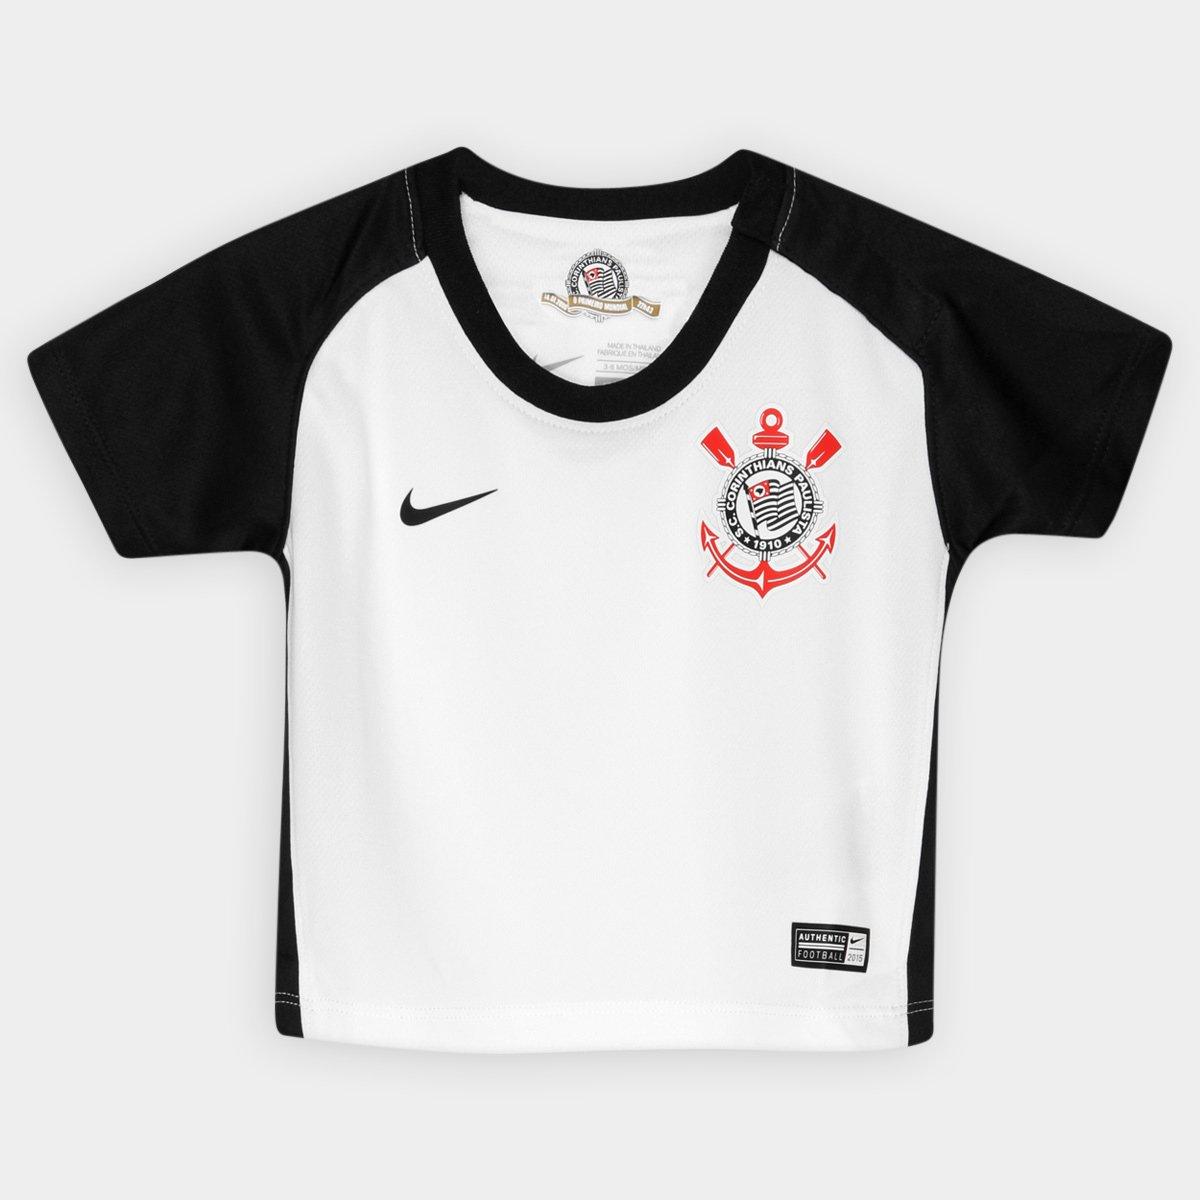 Camisa Nike Corinthians I 15 16 s nº Baby - Compre Agora  42991cbac2fe7